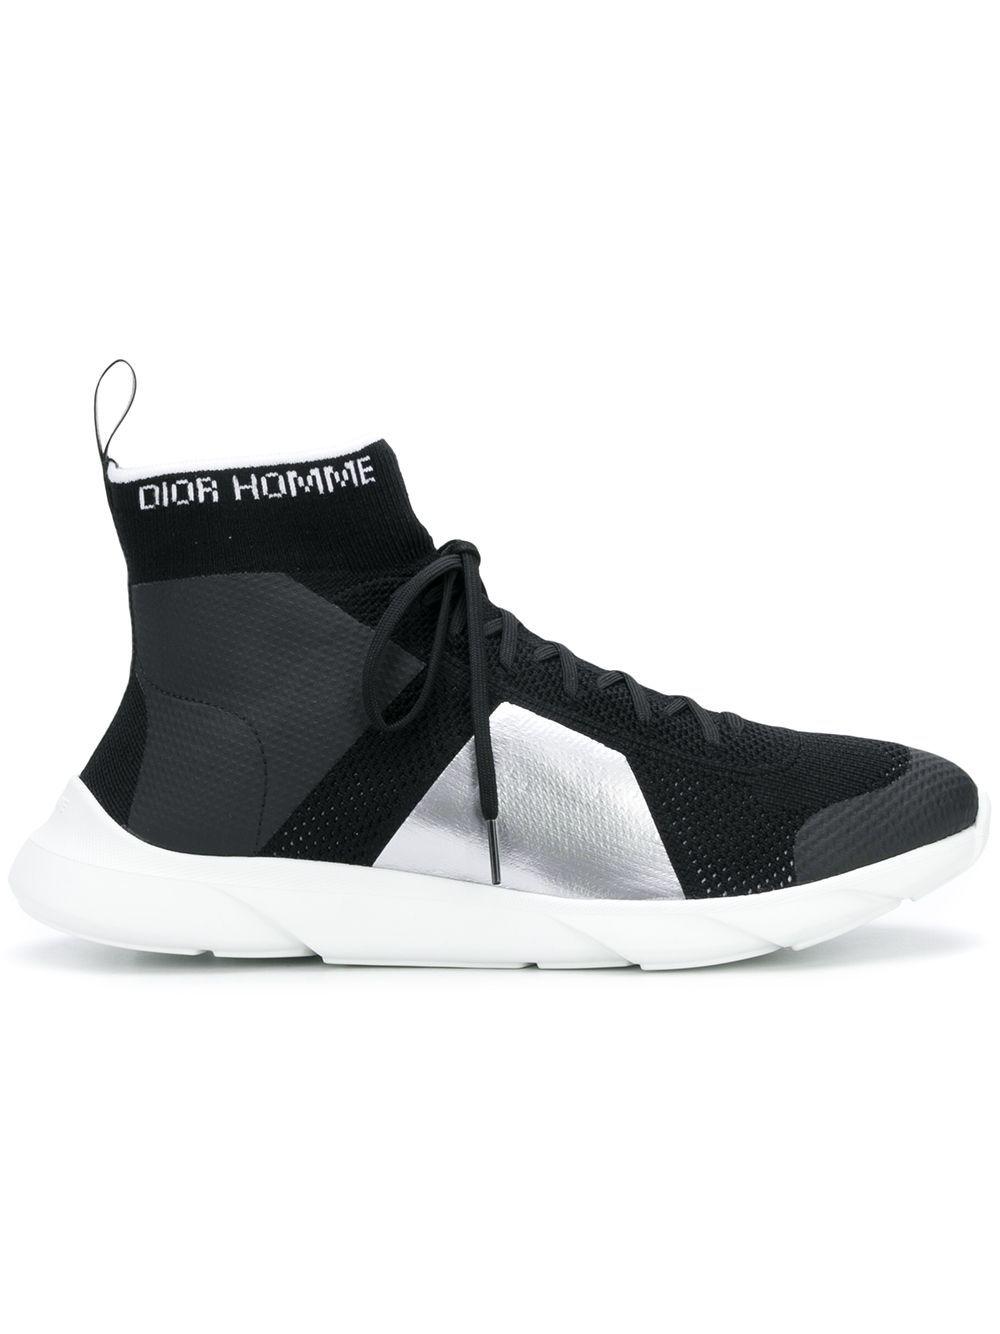 DIOR HOMME 绑带运动鞋. #diorhomme